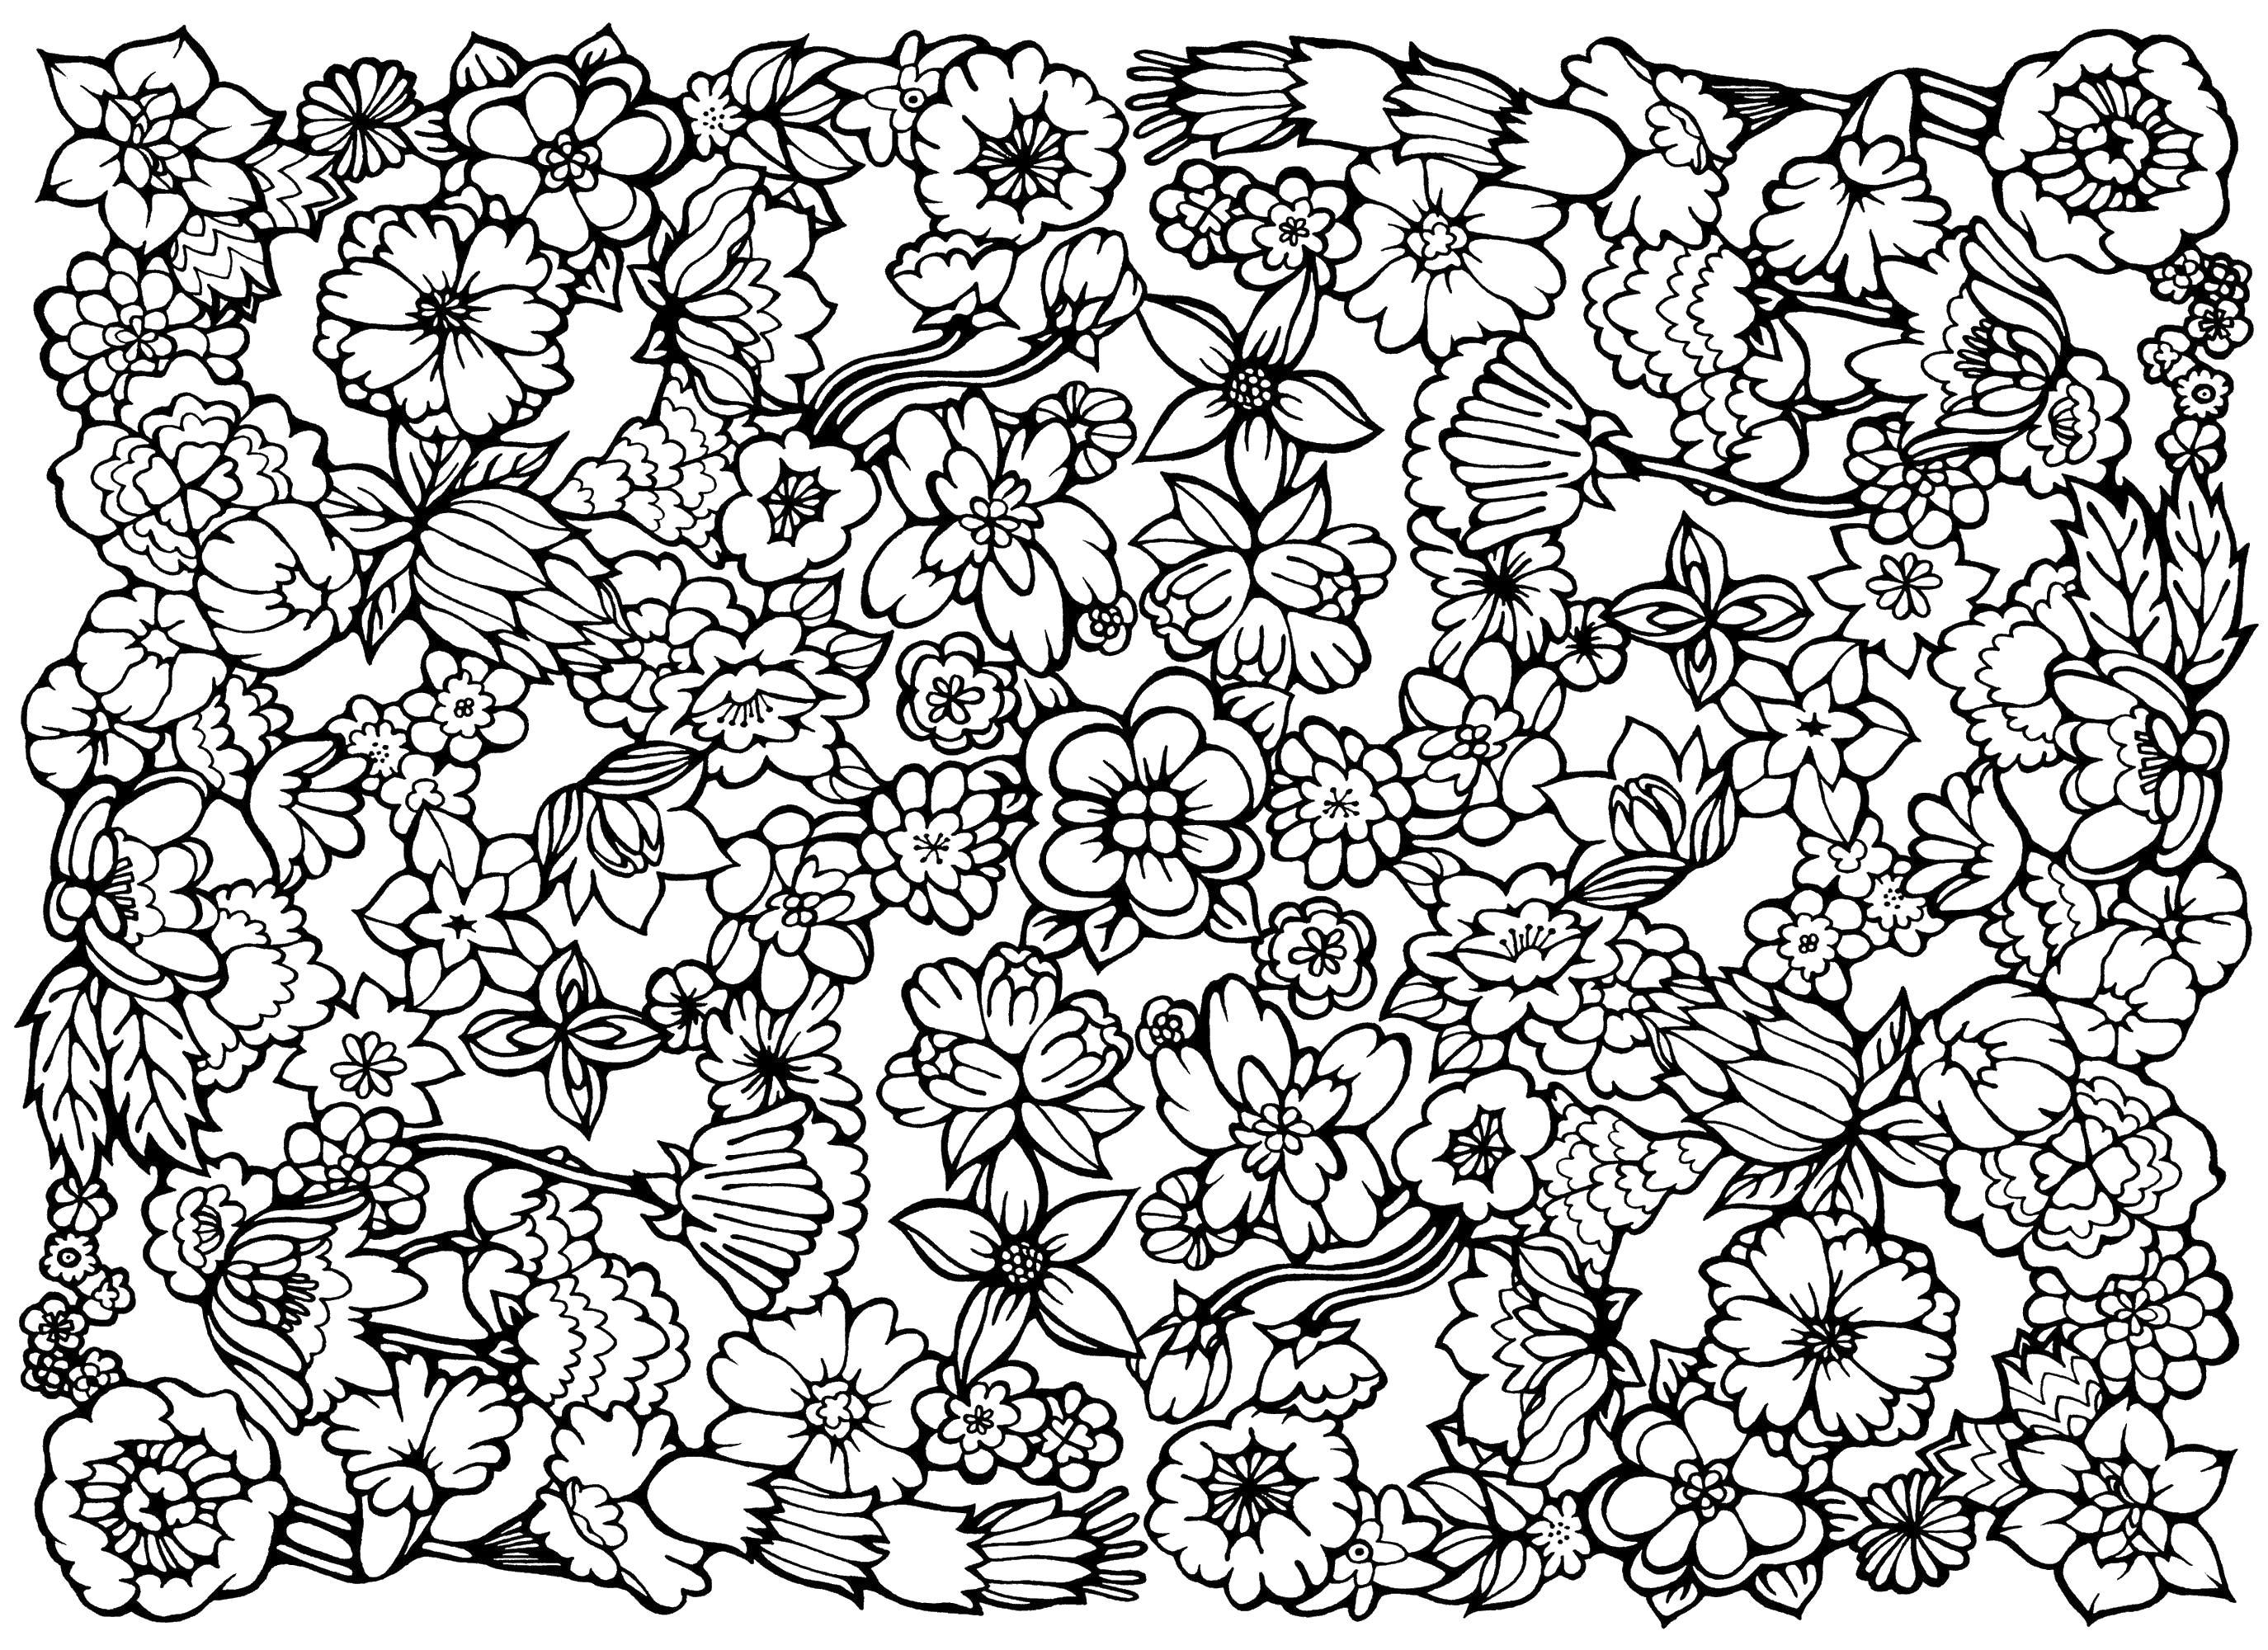 Узор из цветов Раскраски для взрослых скачать